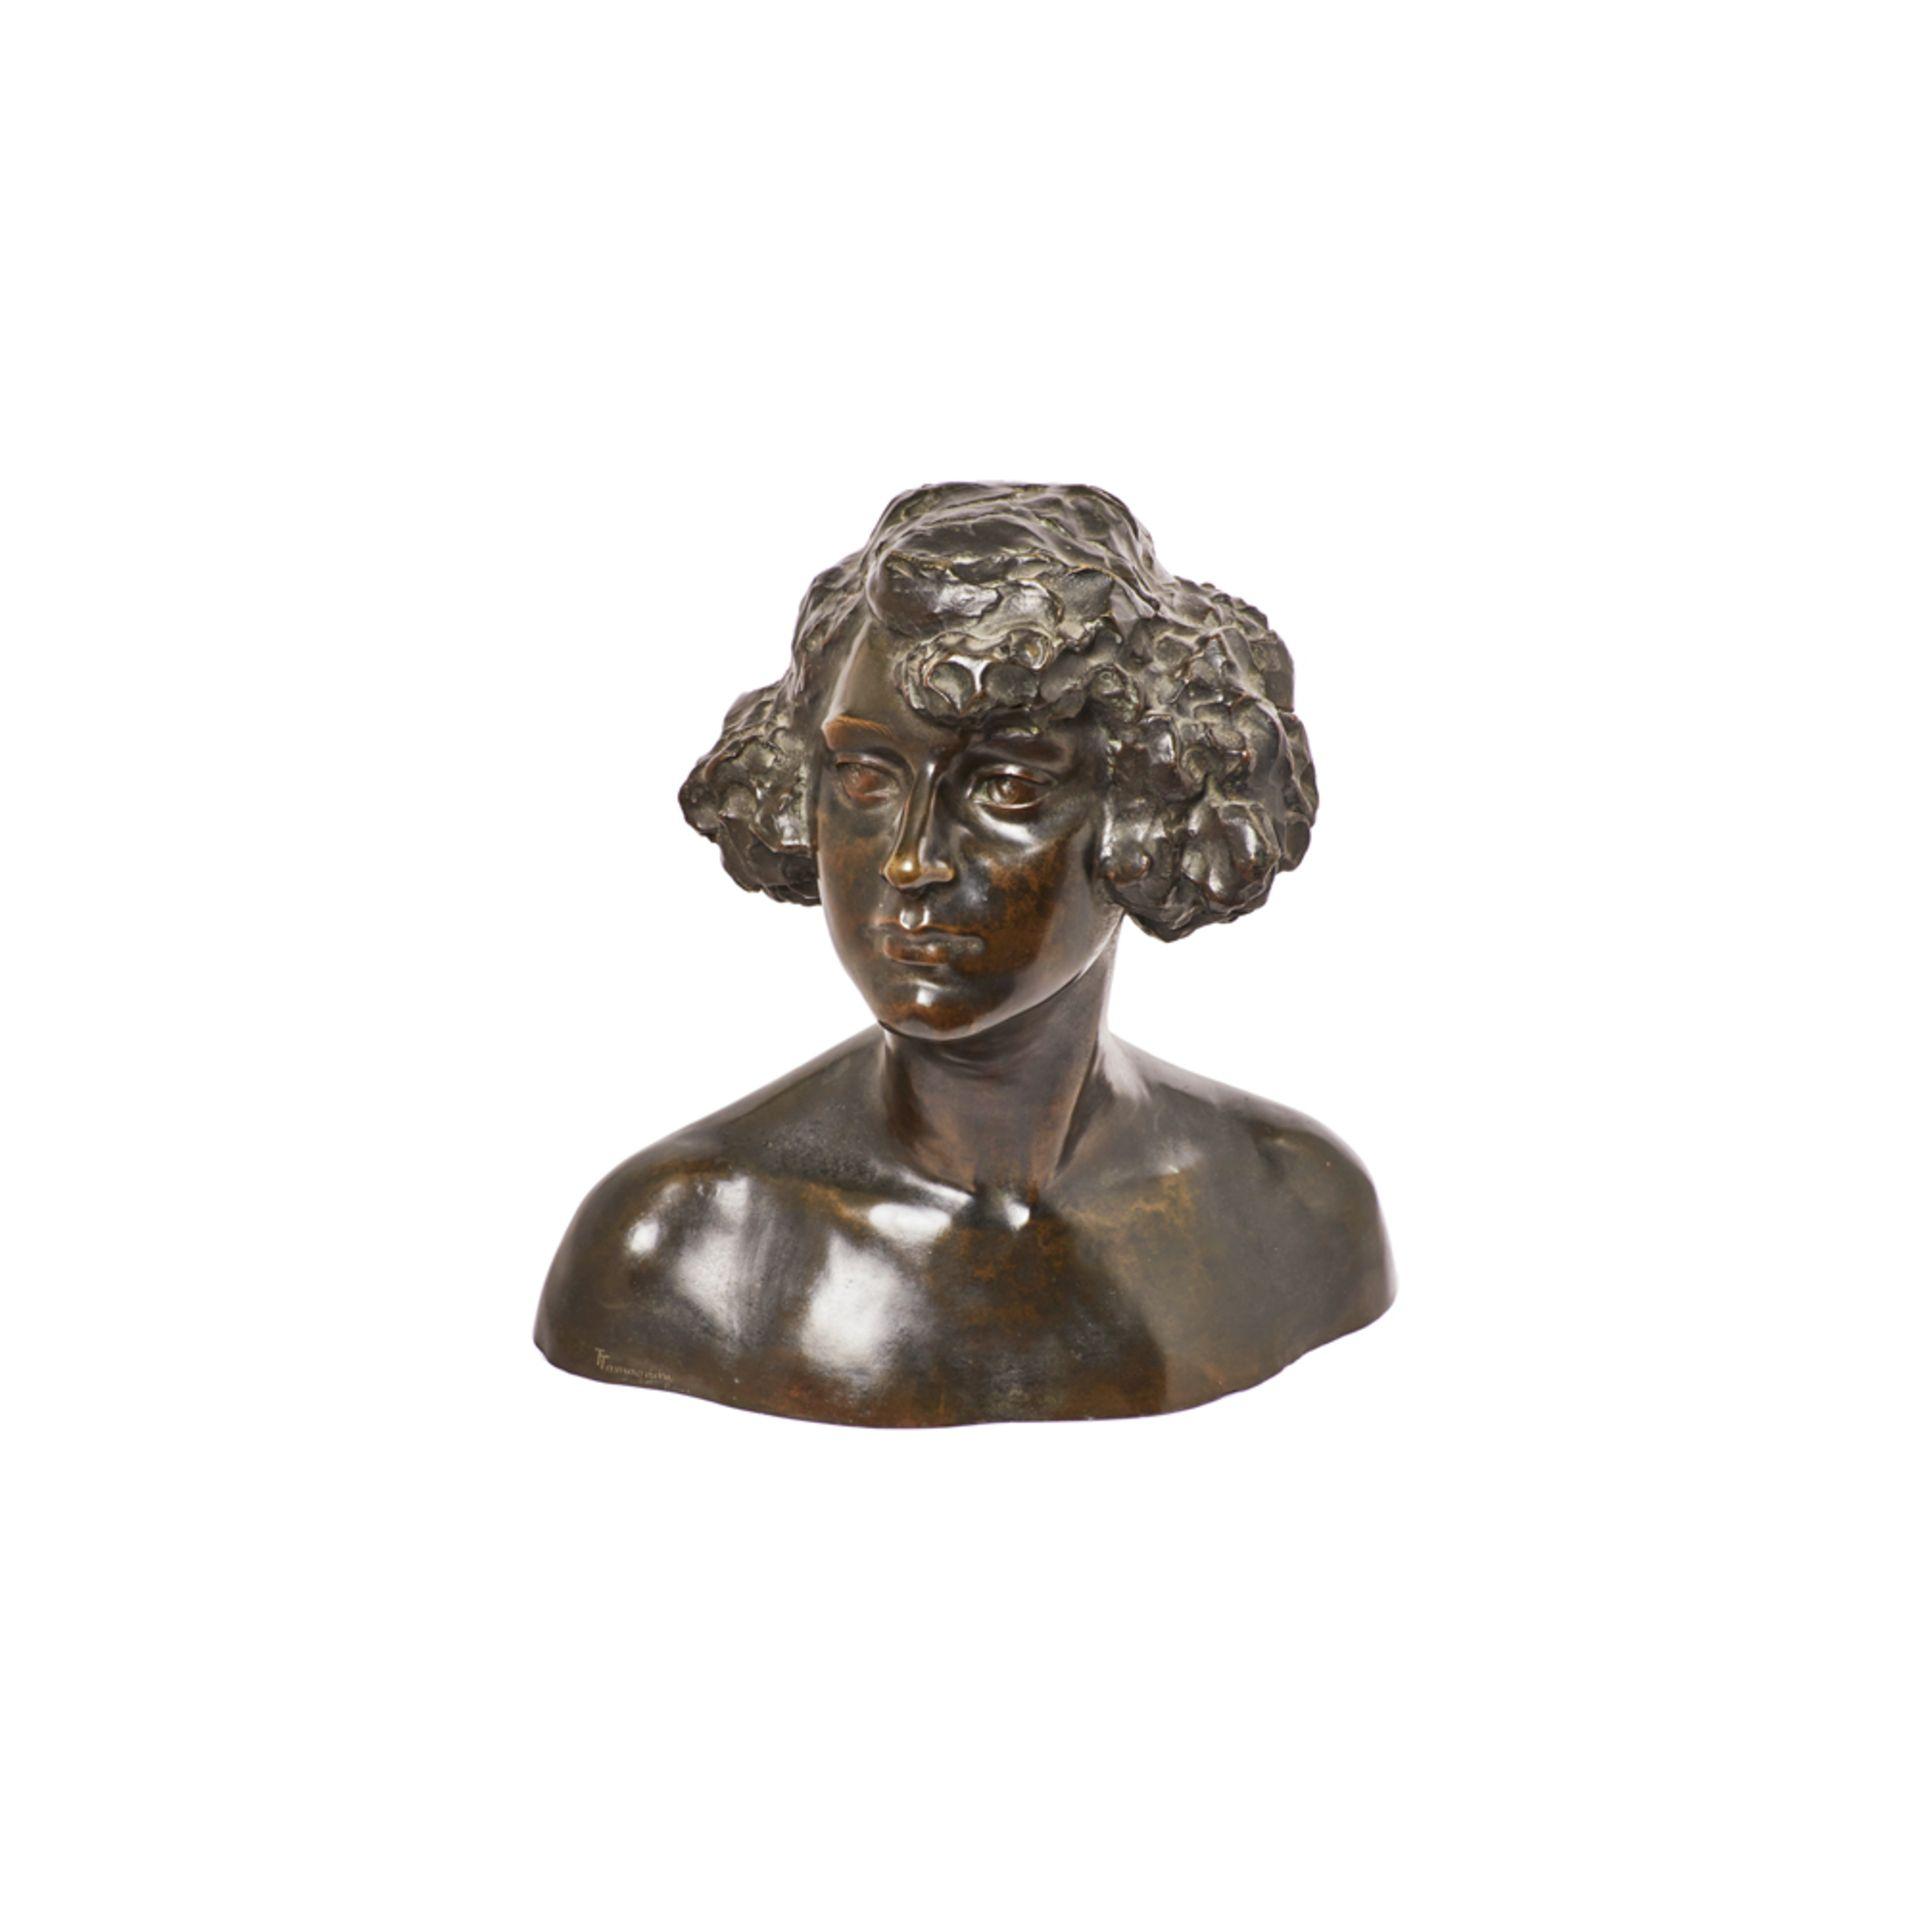 Los 50 - Torquato Tamagnin. Busto masculino. Escultura en bronce.